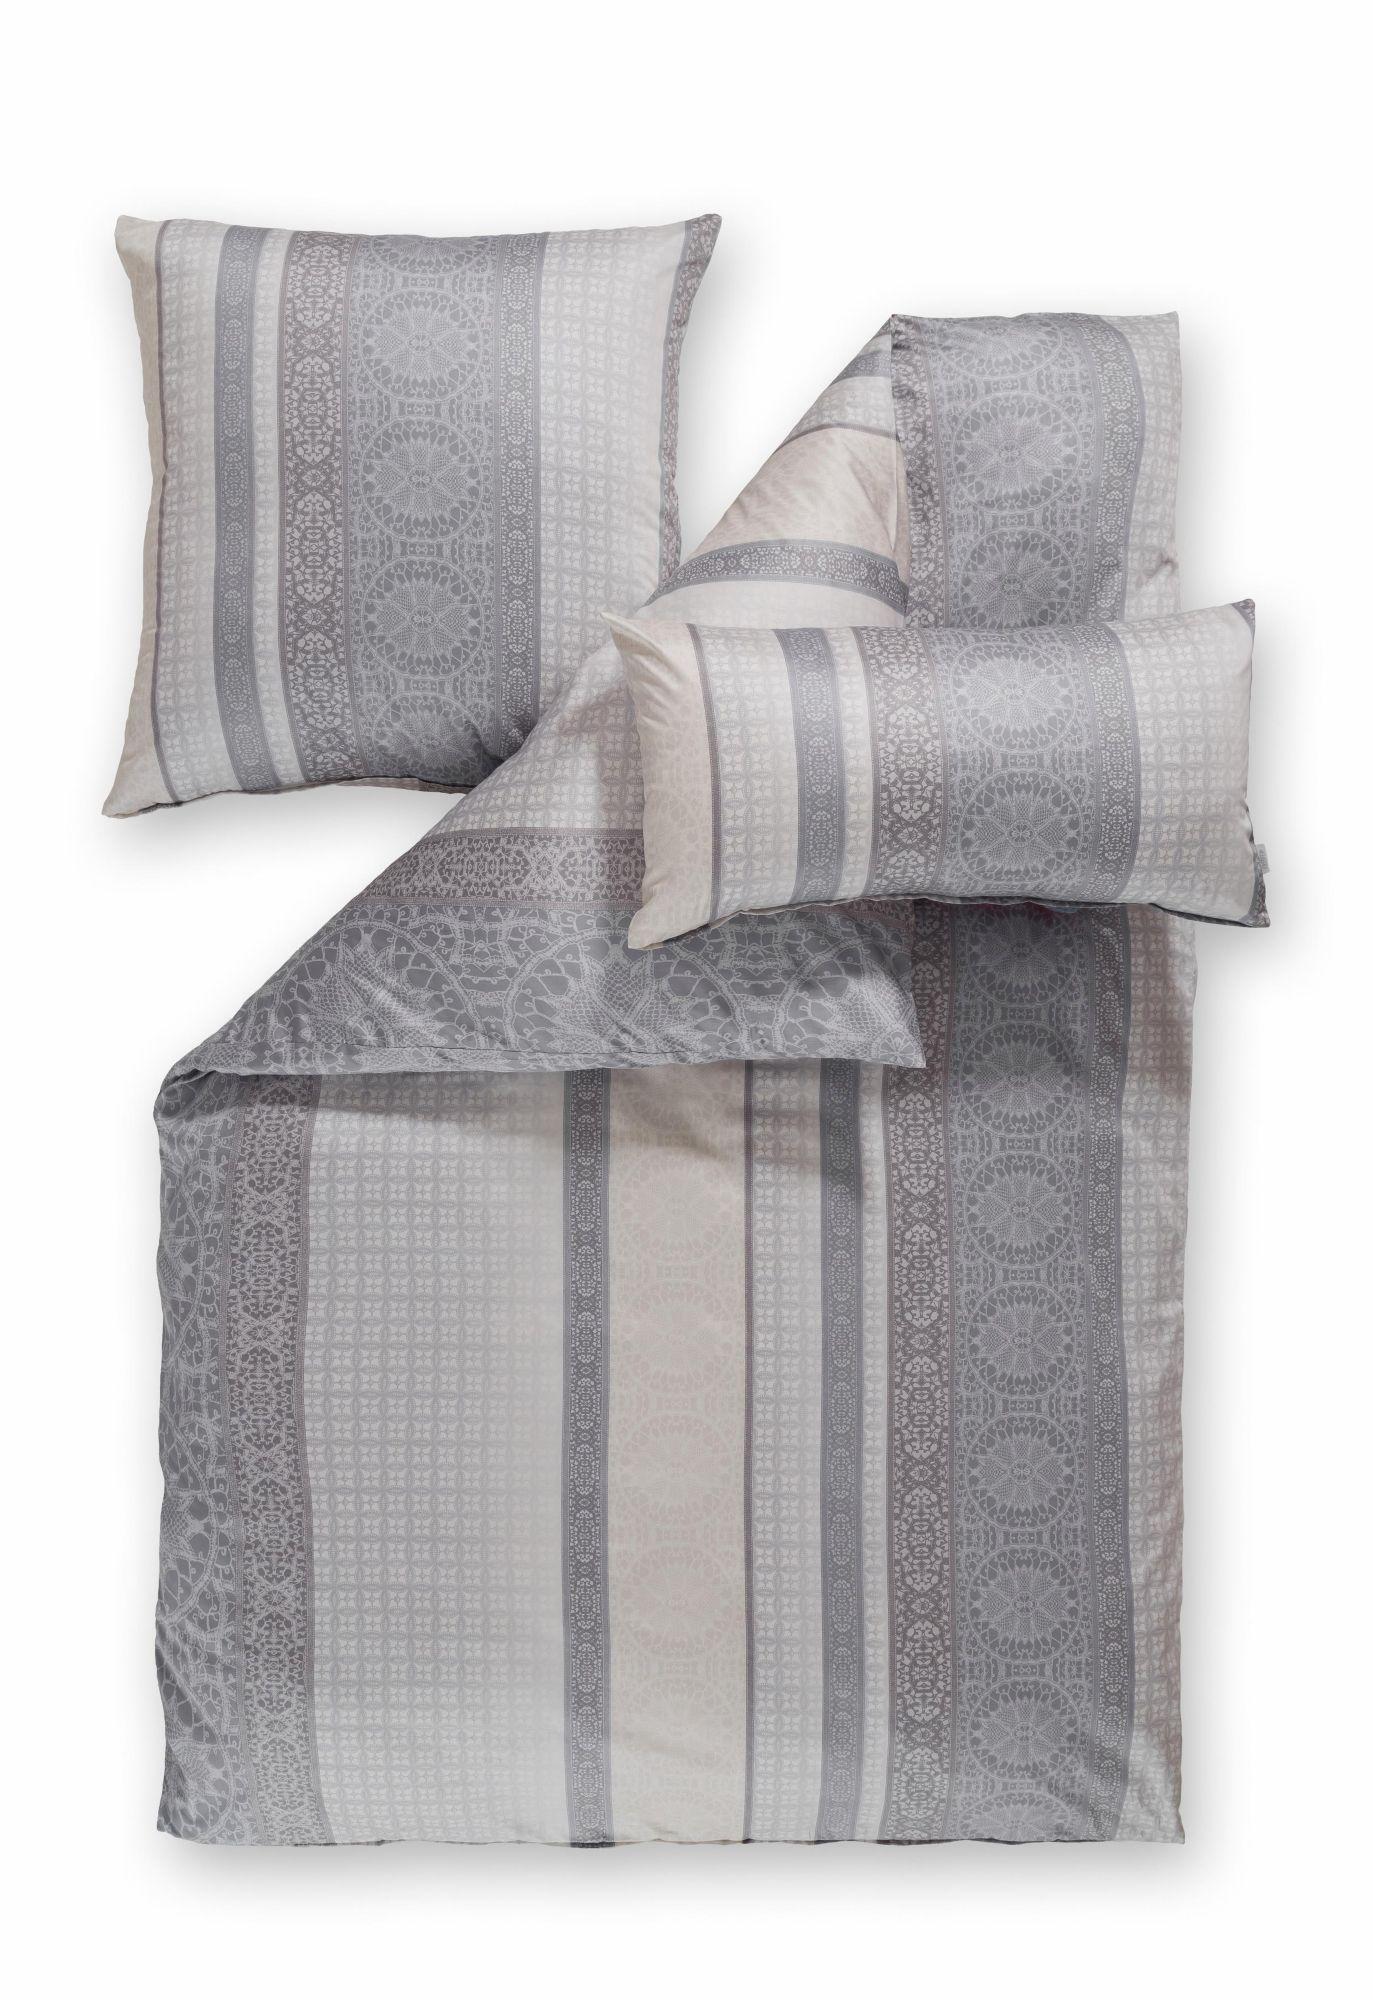 ESTELLA Bettwäsche, Estella, »Maira«, mit Streifen und Ornamenten